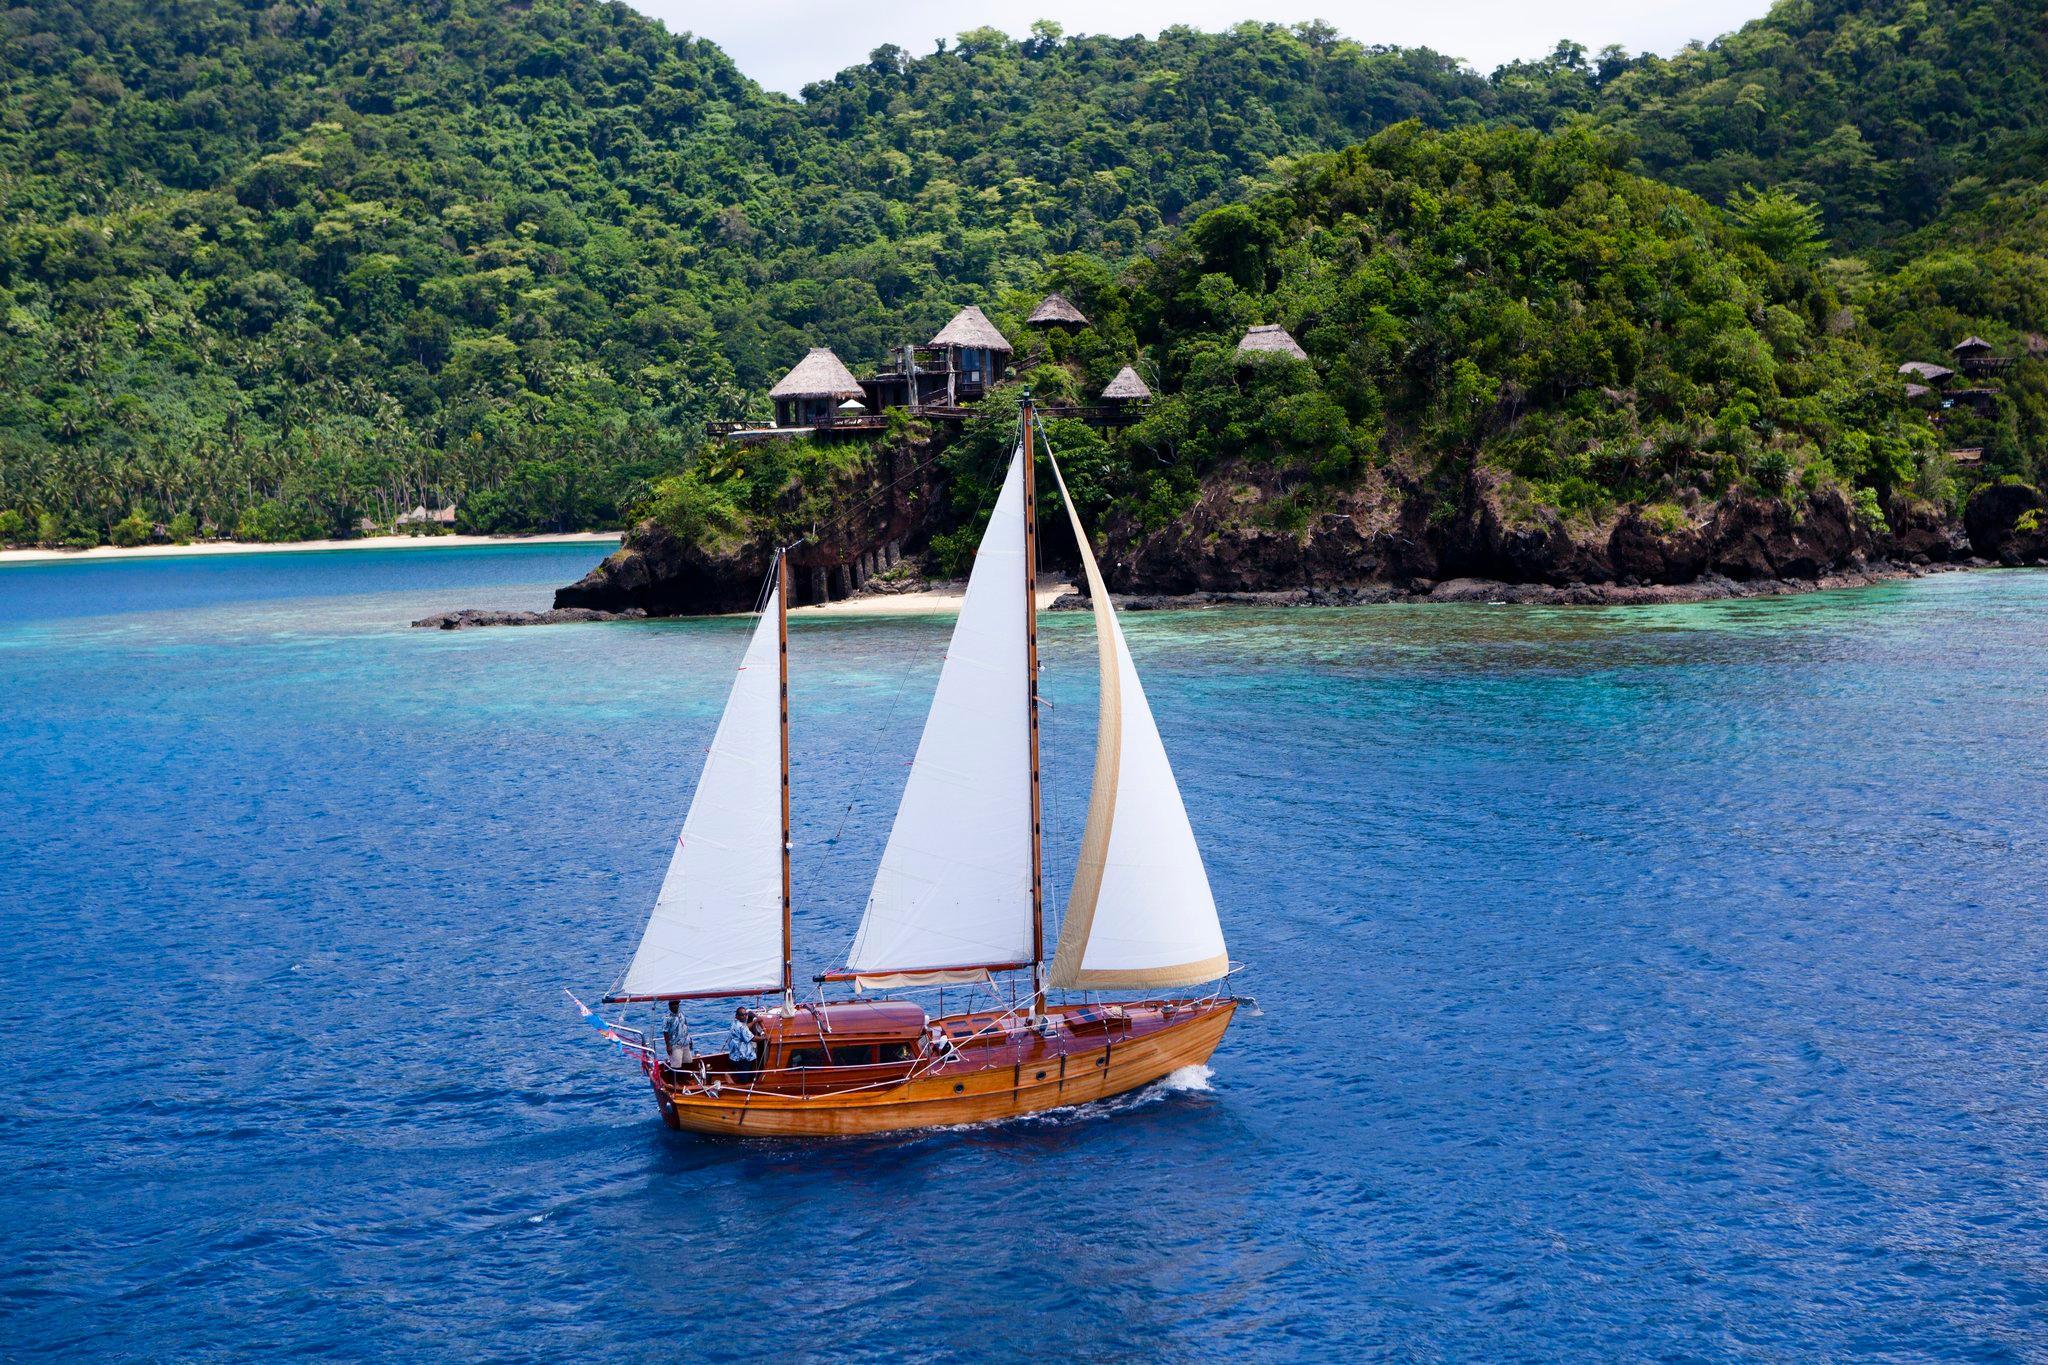 sailing-rere-ahi.jpg